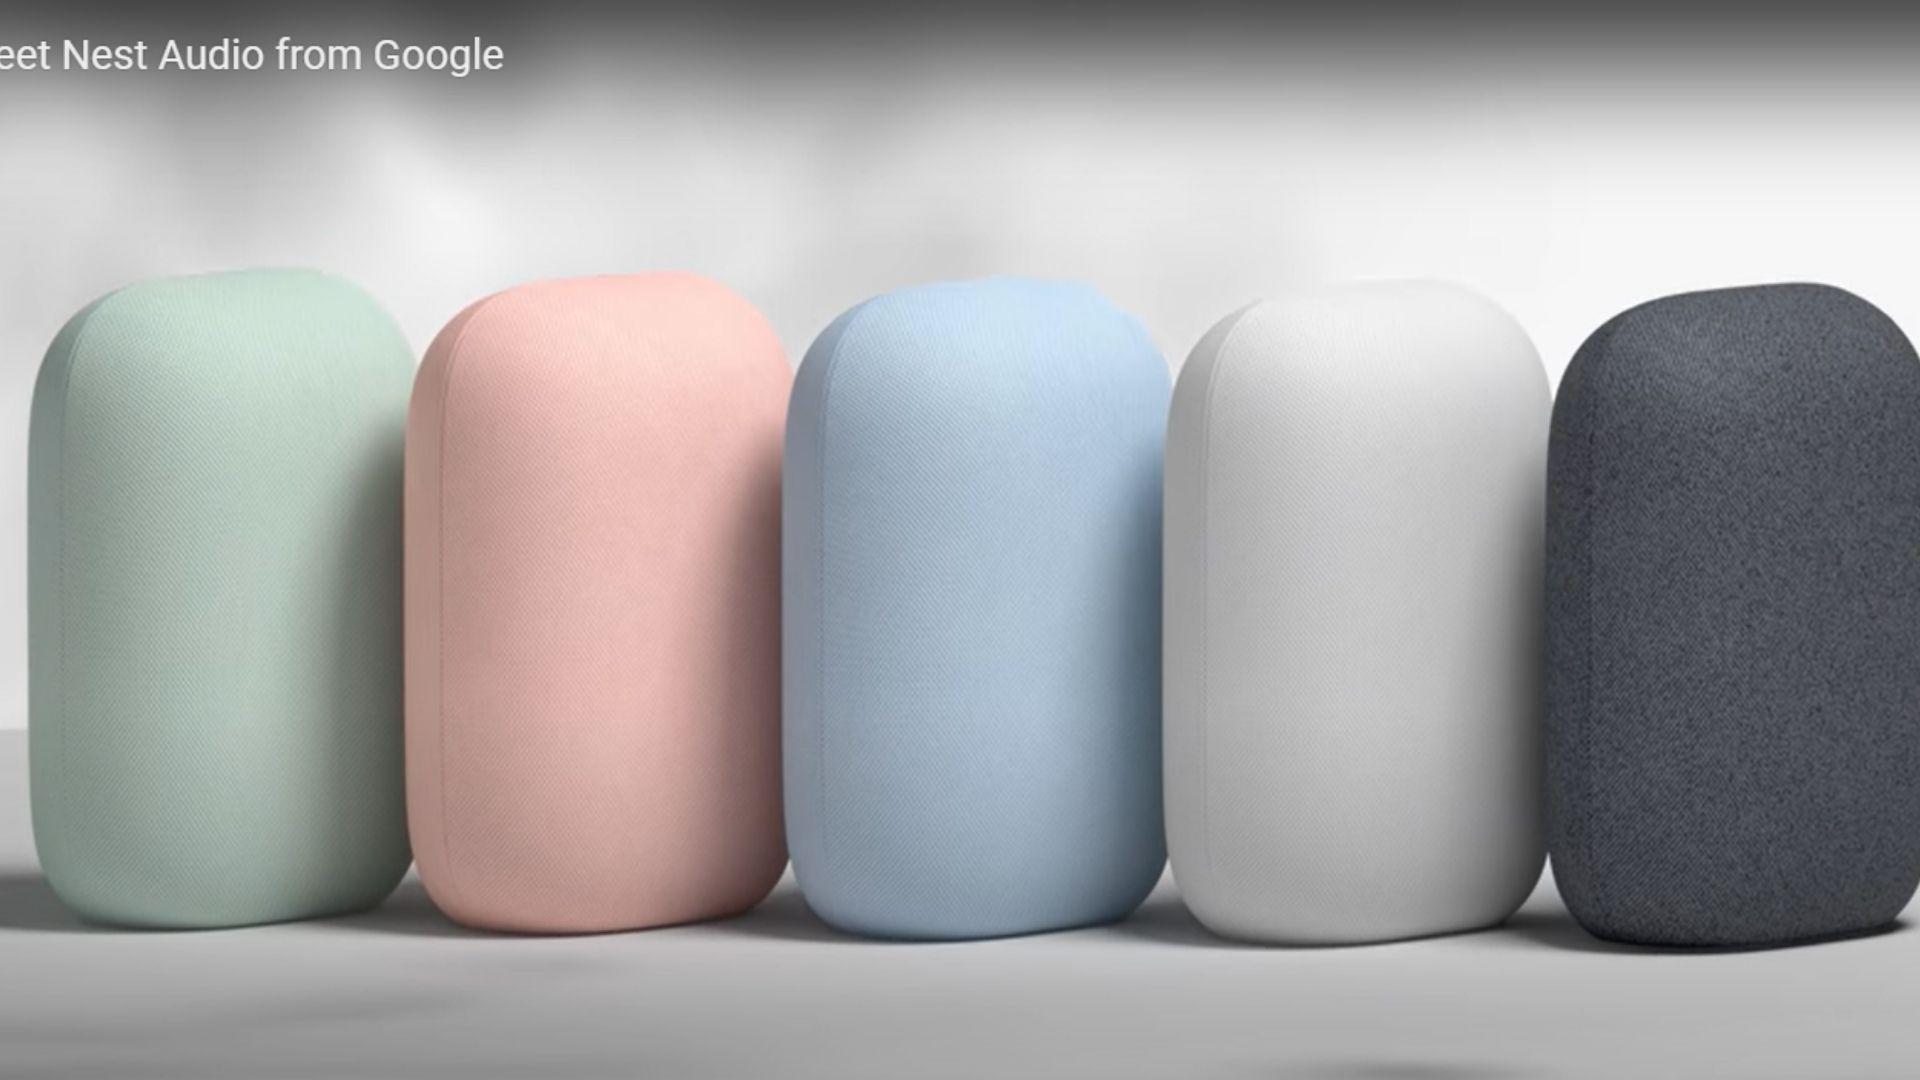 Google Nest Audio chega em 5 cores: verde, rosa, azul, cinza escuro e preto. (Imagem: Reprodução/Google)